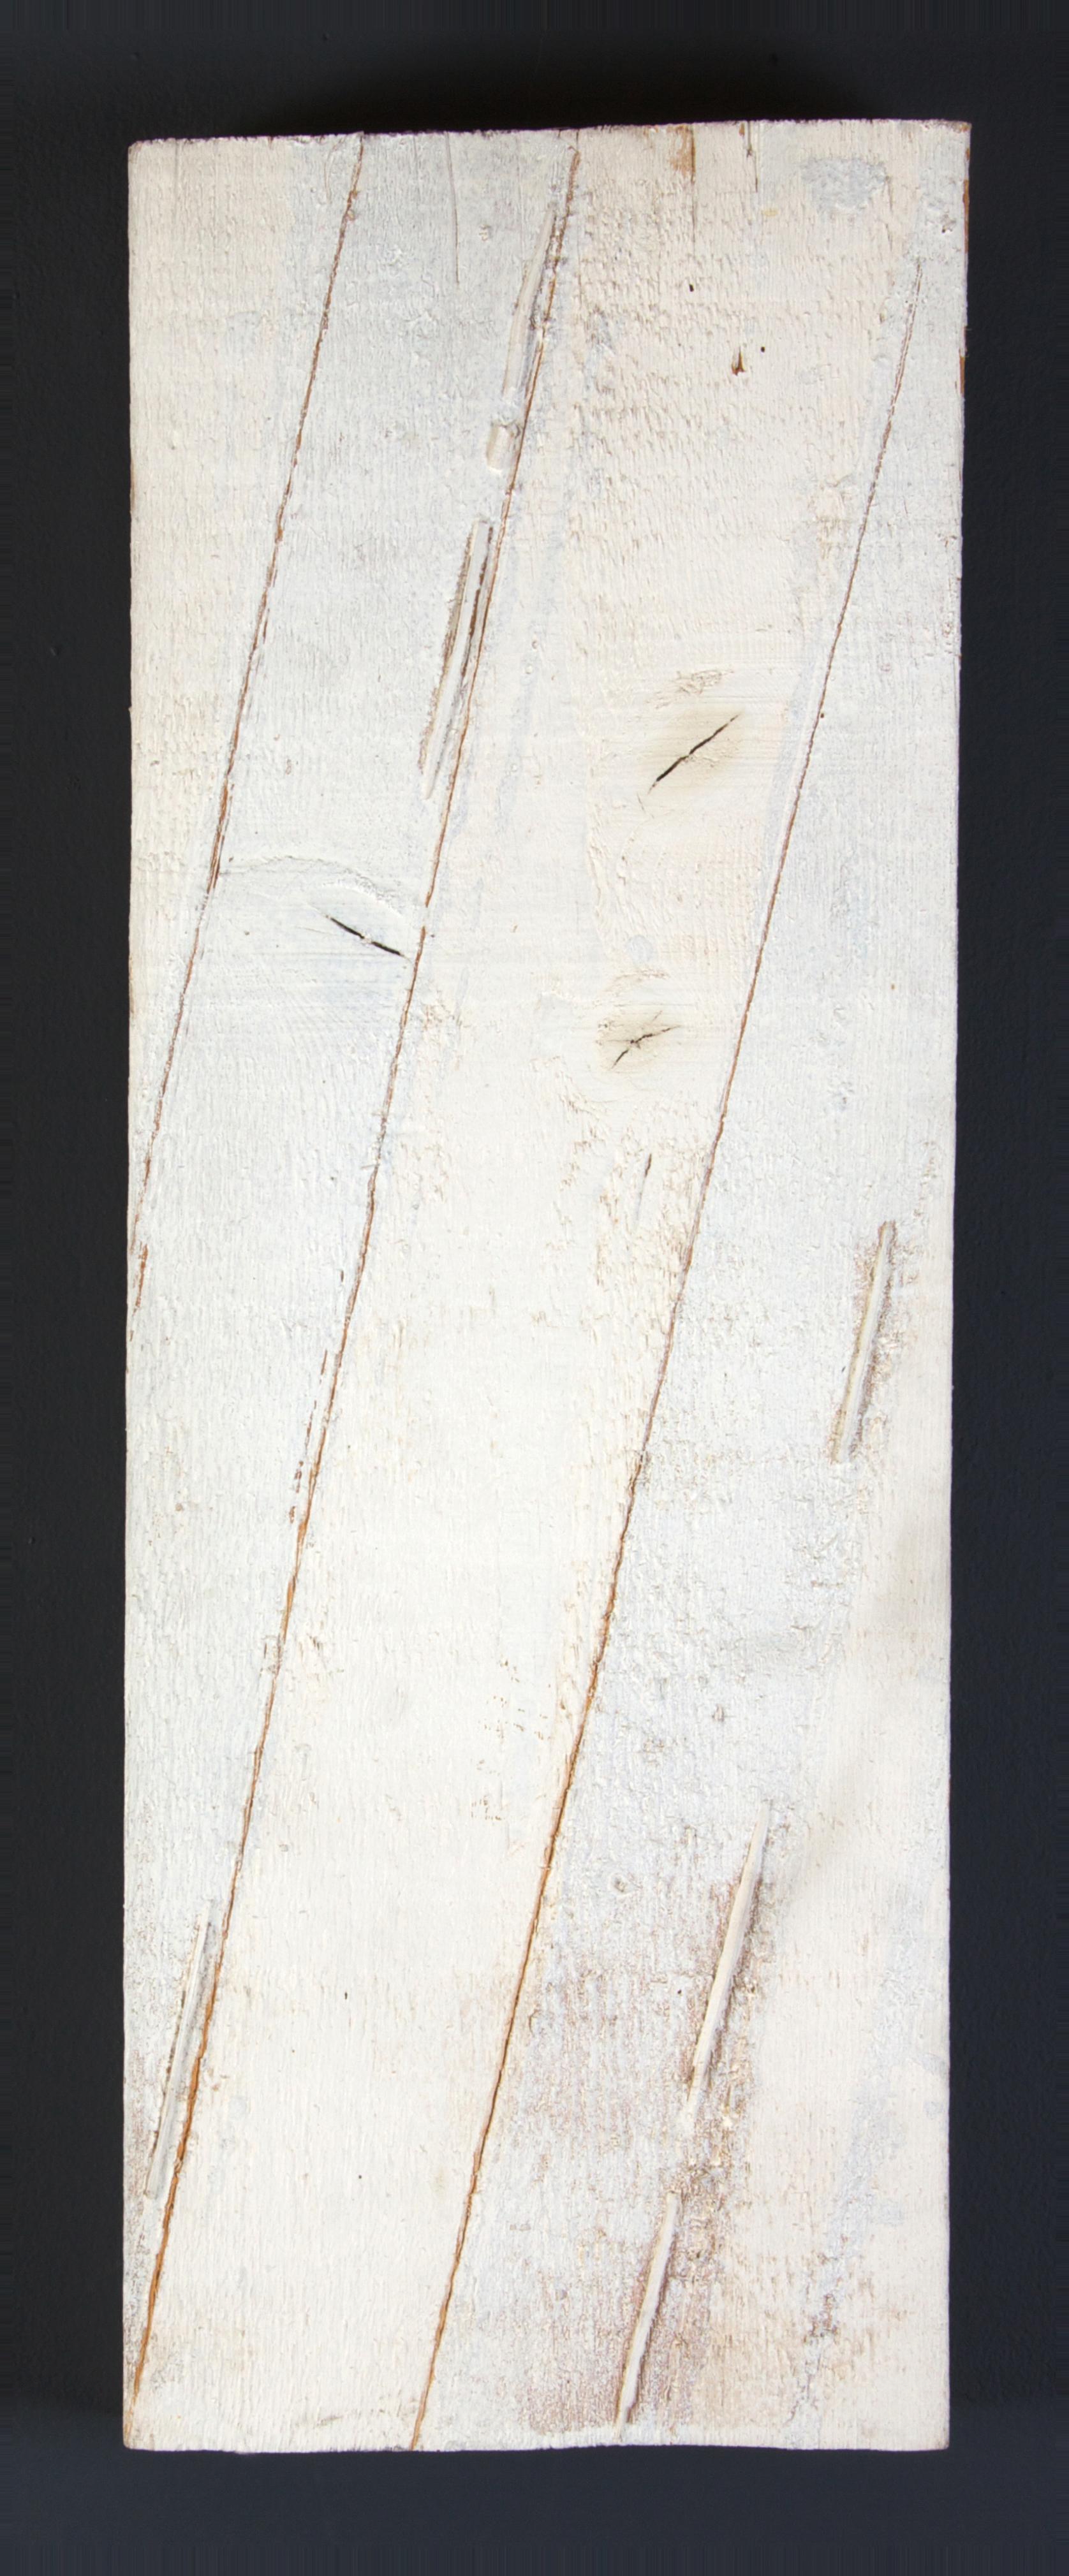 Bois oblique - 04.08